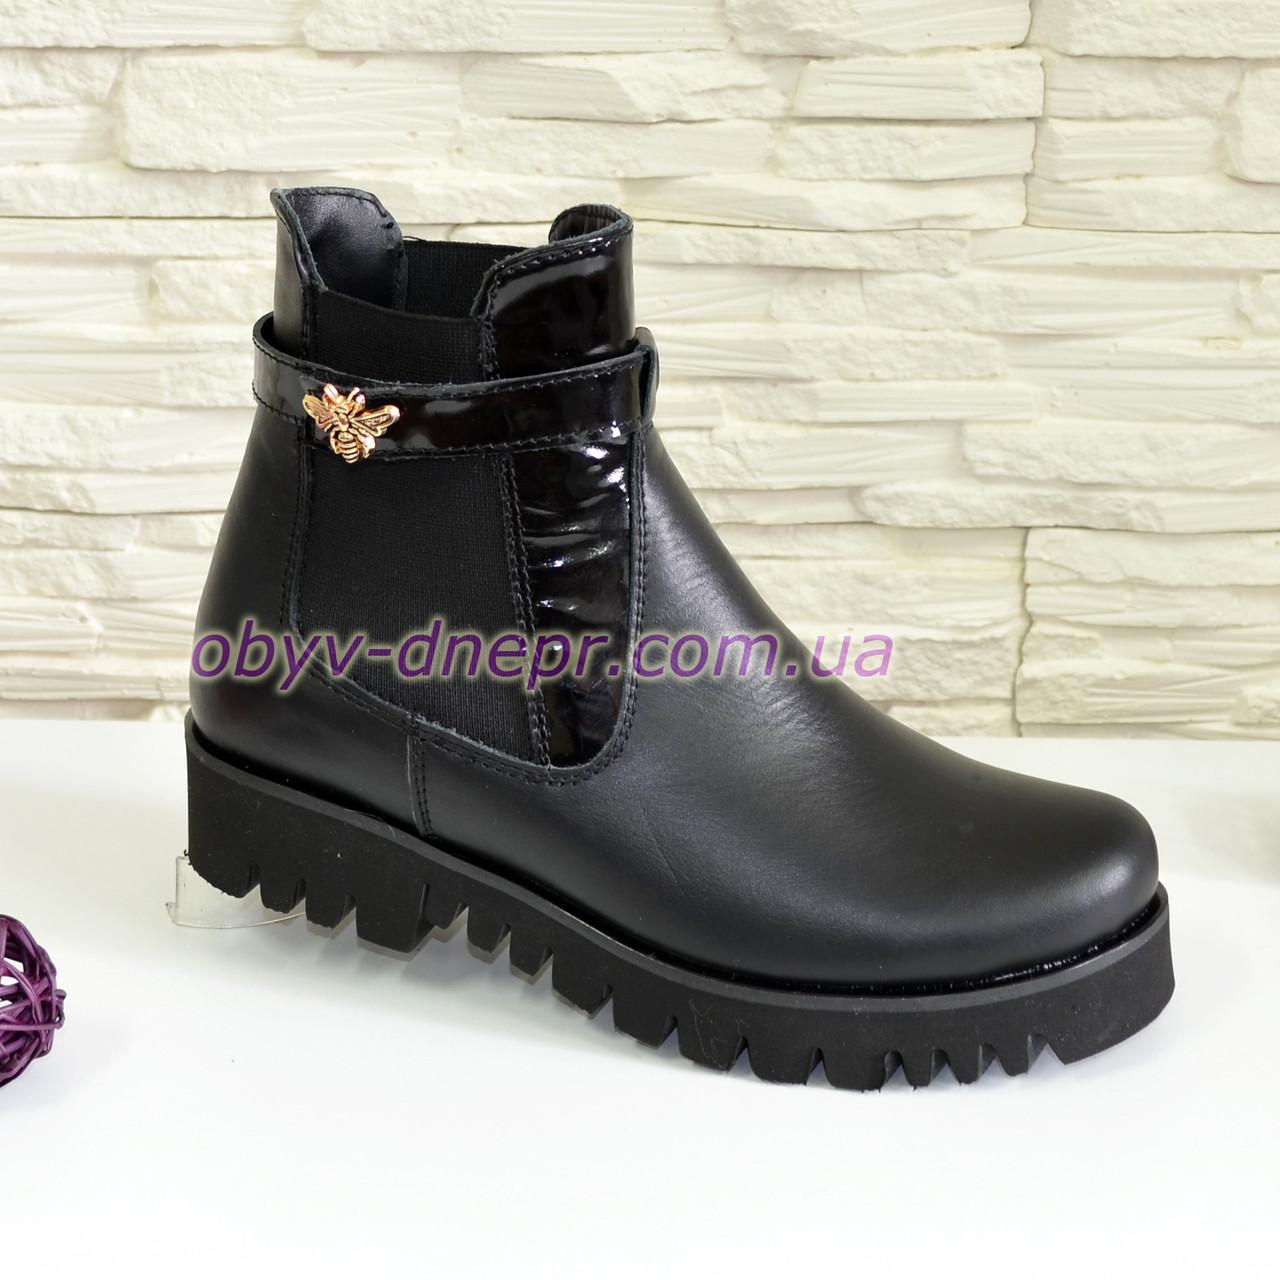 Ботинки кожаные женские   на тракторной подошве, цвет черный.